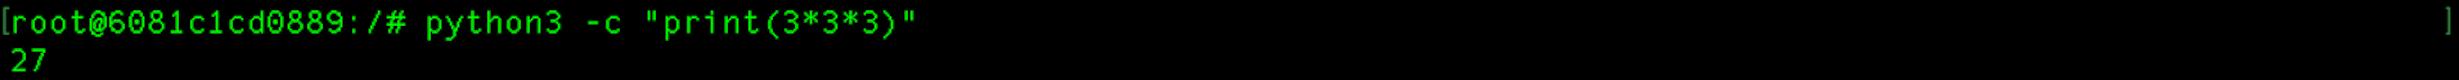 スクリーンショット 2018-01-11 00.53.24.png